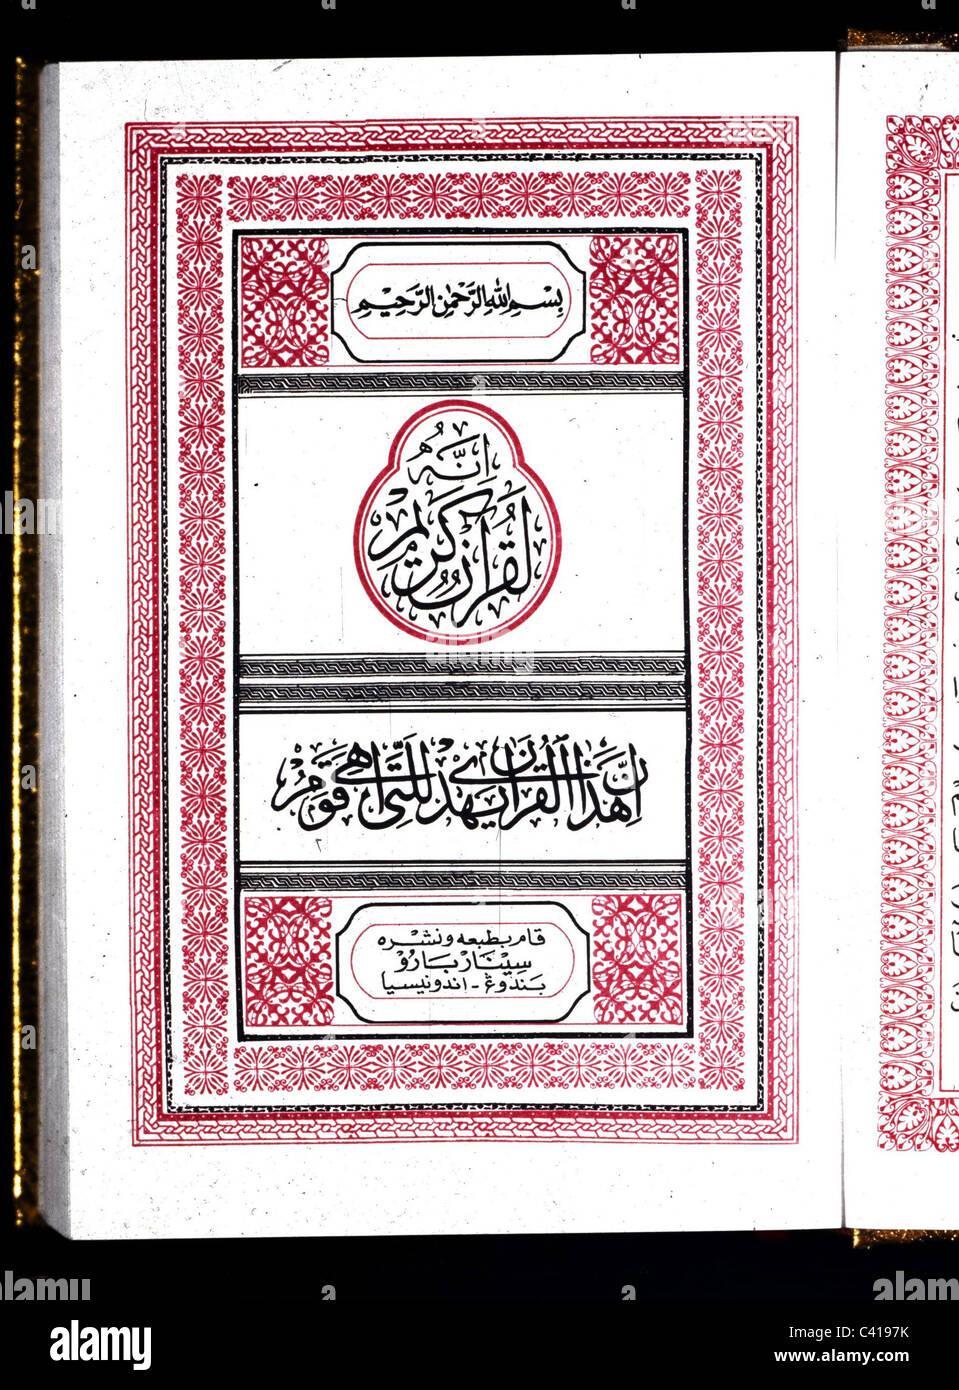 La religione islam, il Corano, i caratteri arabi in un Corano, arabo, arabo, Araba, mondo arabo, script, Script, Immagini Stock